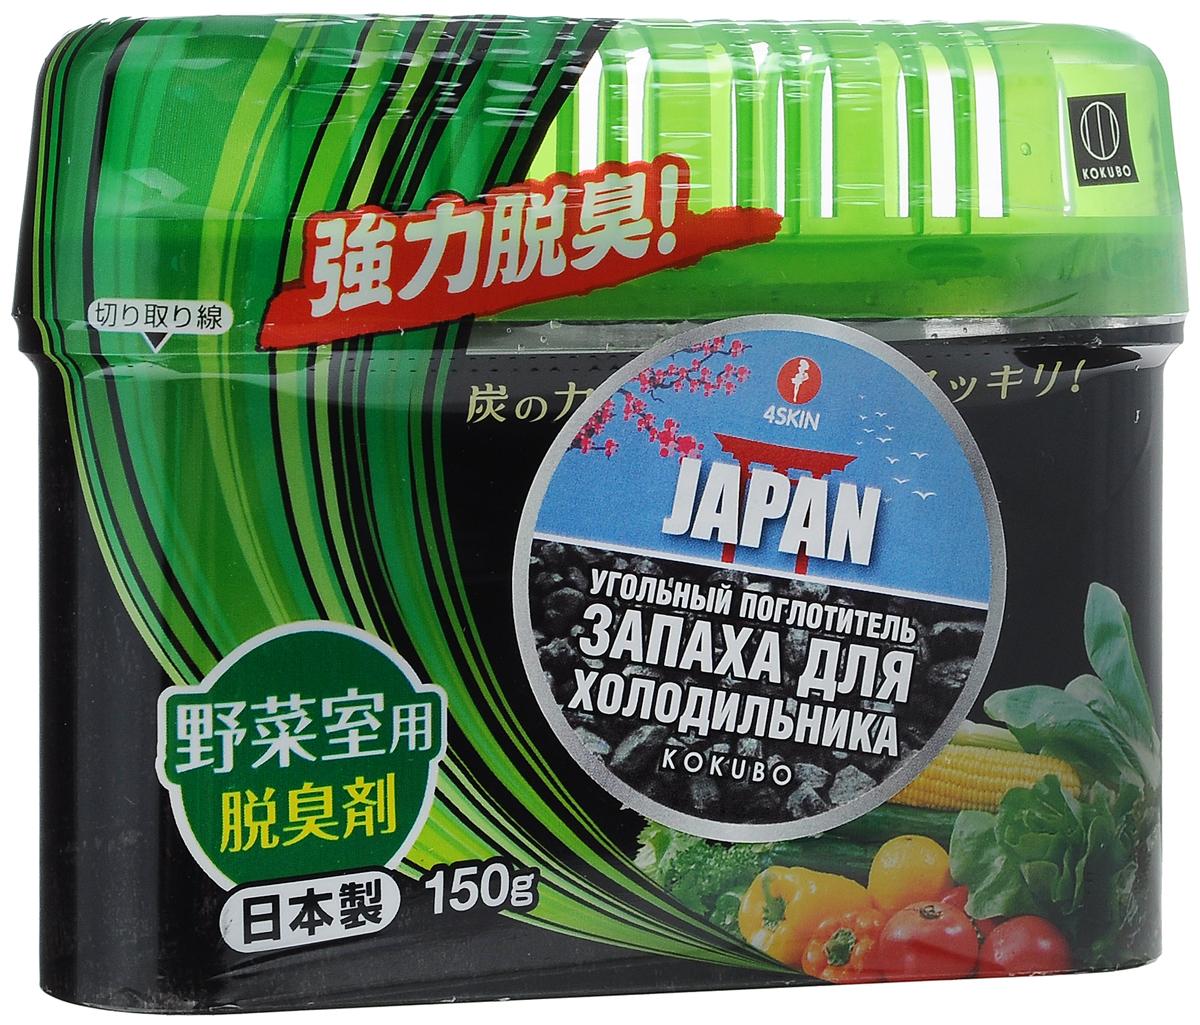 Поглотитель запаха для холодильника KOKUBO Sumi-Ban, для овощной полки, 150 гVT-1520(SR)Поглотитель запаха для холодильника KOKUBO Sumi-Ban поглощает неприятные запахи, даже очень резкие и стойкие. Идеально подходит для использования на овощной полке холодильника. Способствует долгому сохранению свежести и вкусовых качеств продуктов в холодильнике. Содержит древесный уголь, благодаря которому обеспечивается длительный антибактериальный эффект. Продолжительность действия до 2-х месяцев при объеме холодильника до 450-ти литров. Состав: очищенная вода, гелиевый наполнитель, древесный уголь, активированный уголь. Вес: 150 г.